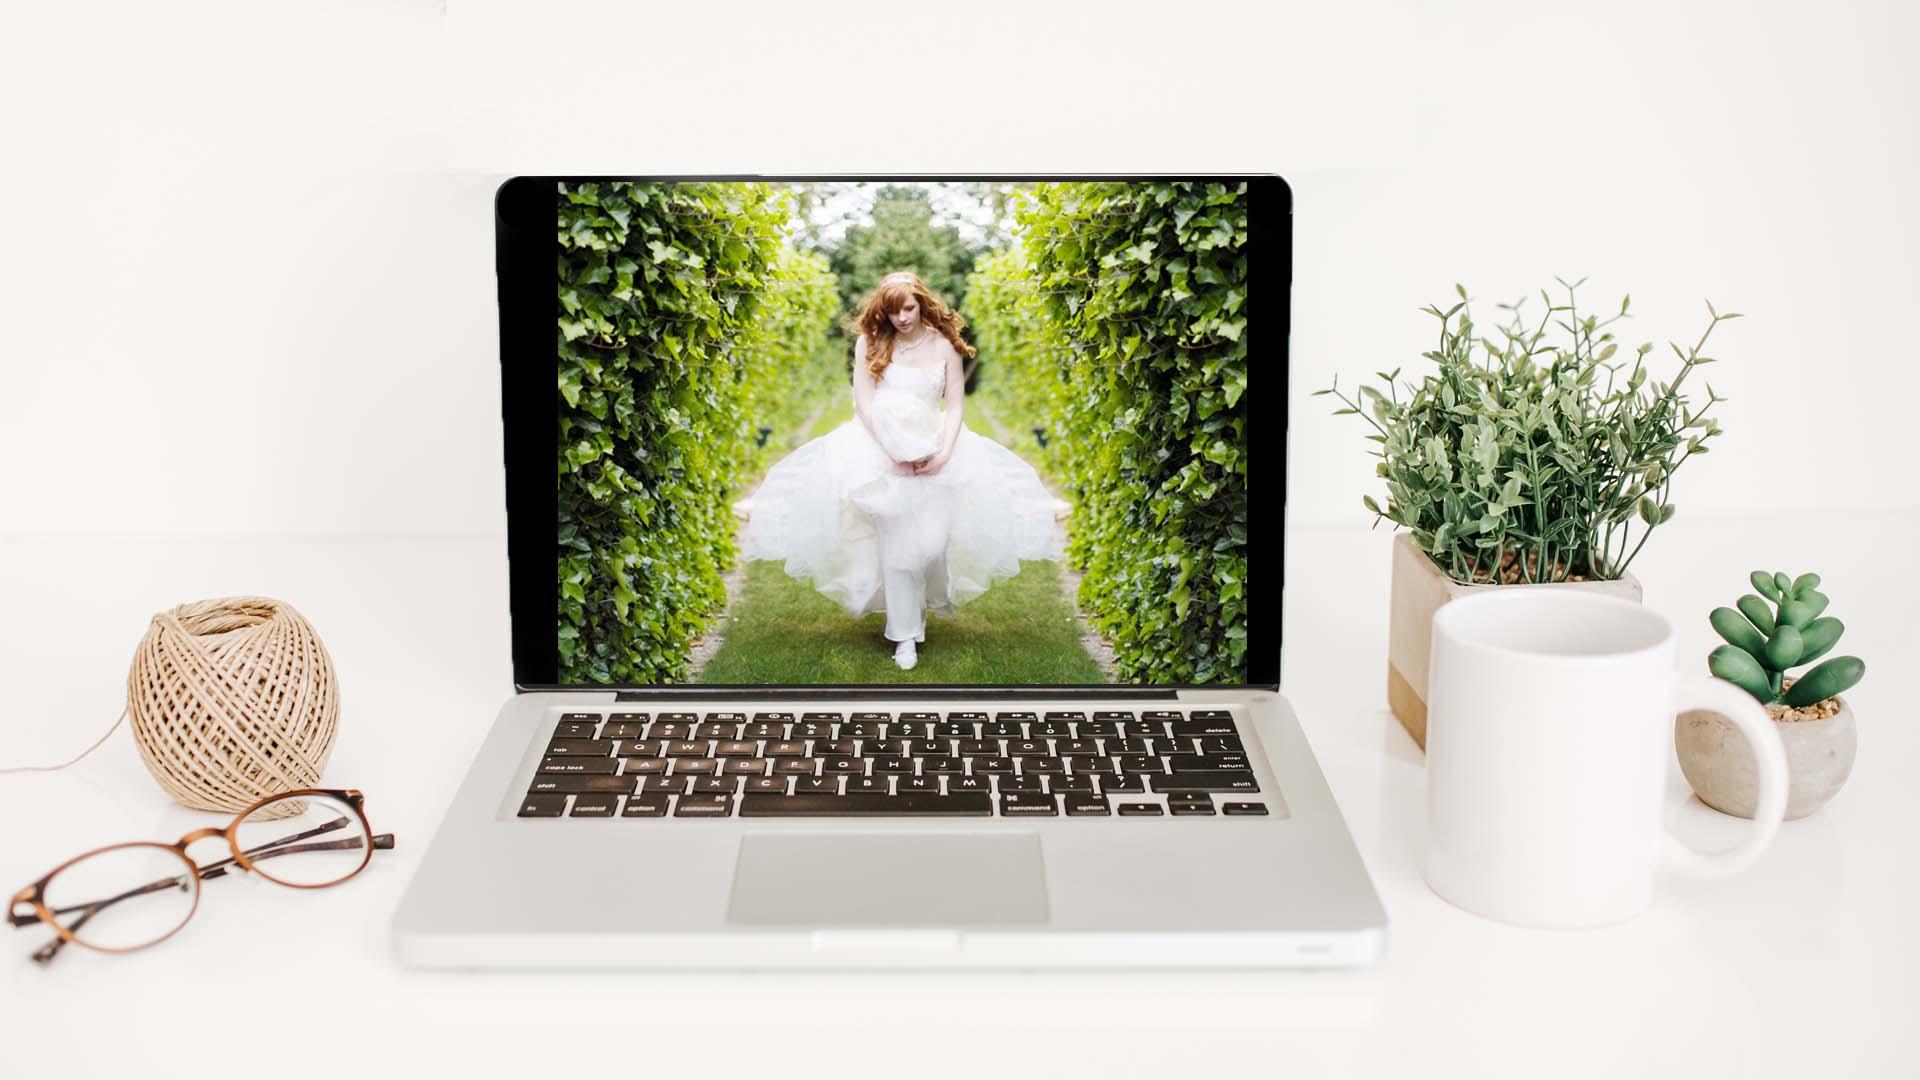 Levensfoto Home, SOon, trouwen, 2 zielen 1 portret, workshops